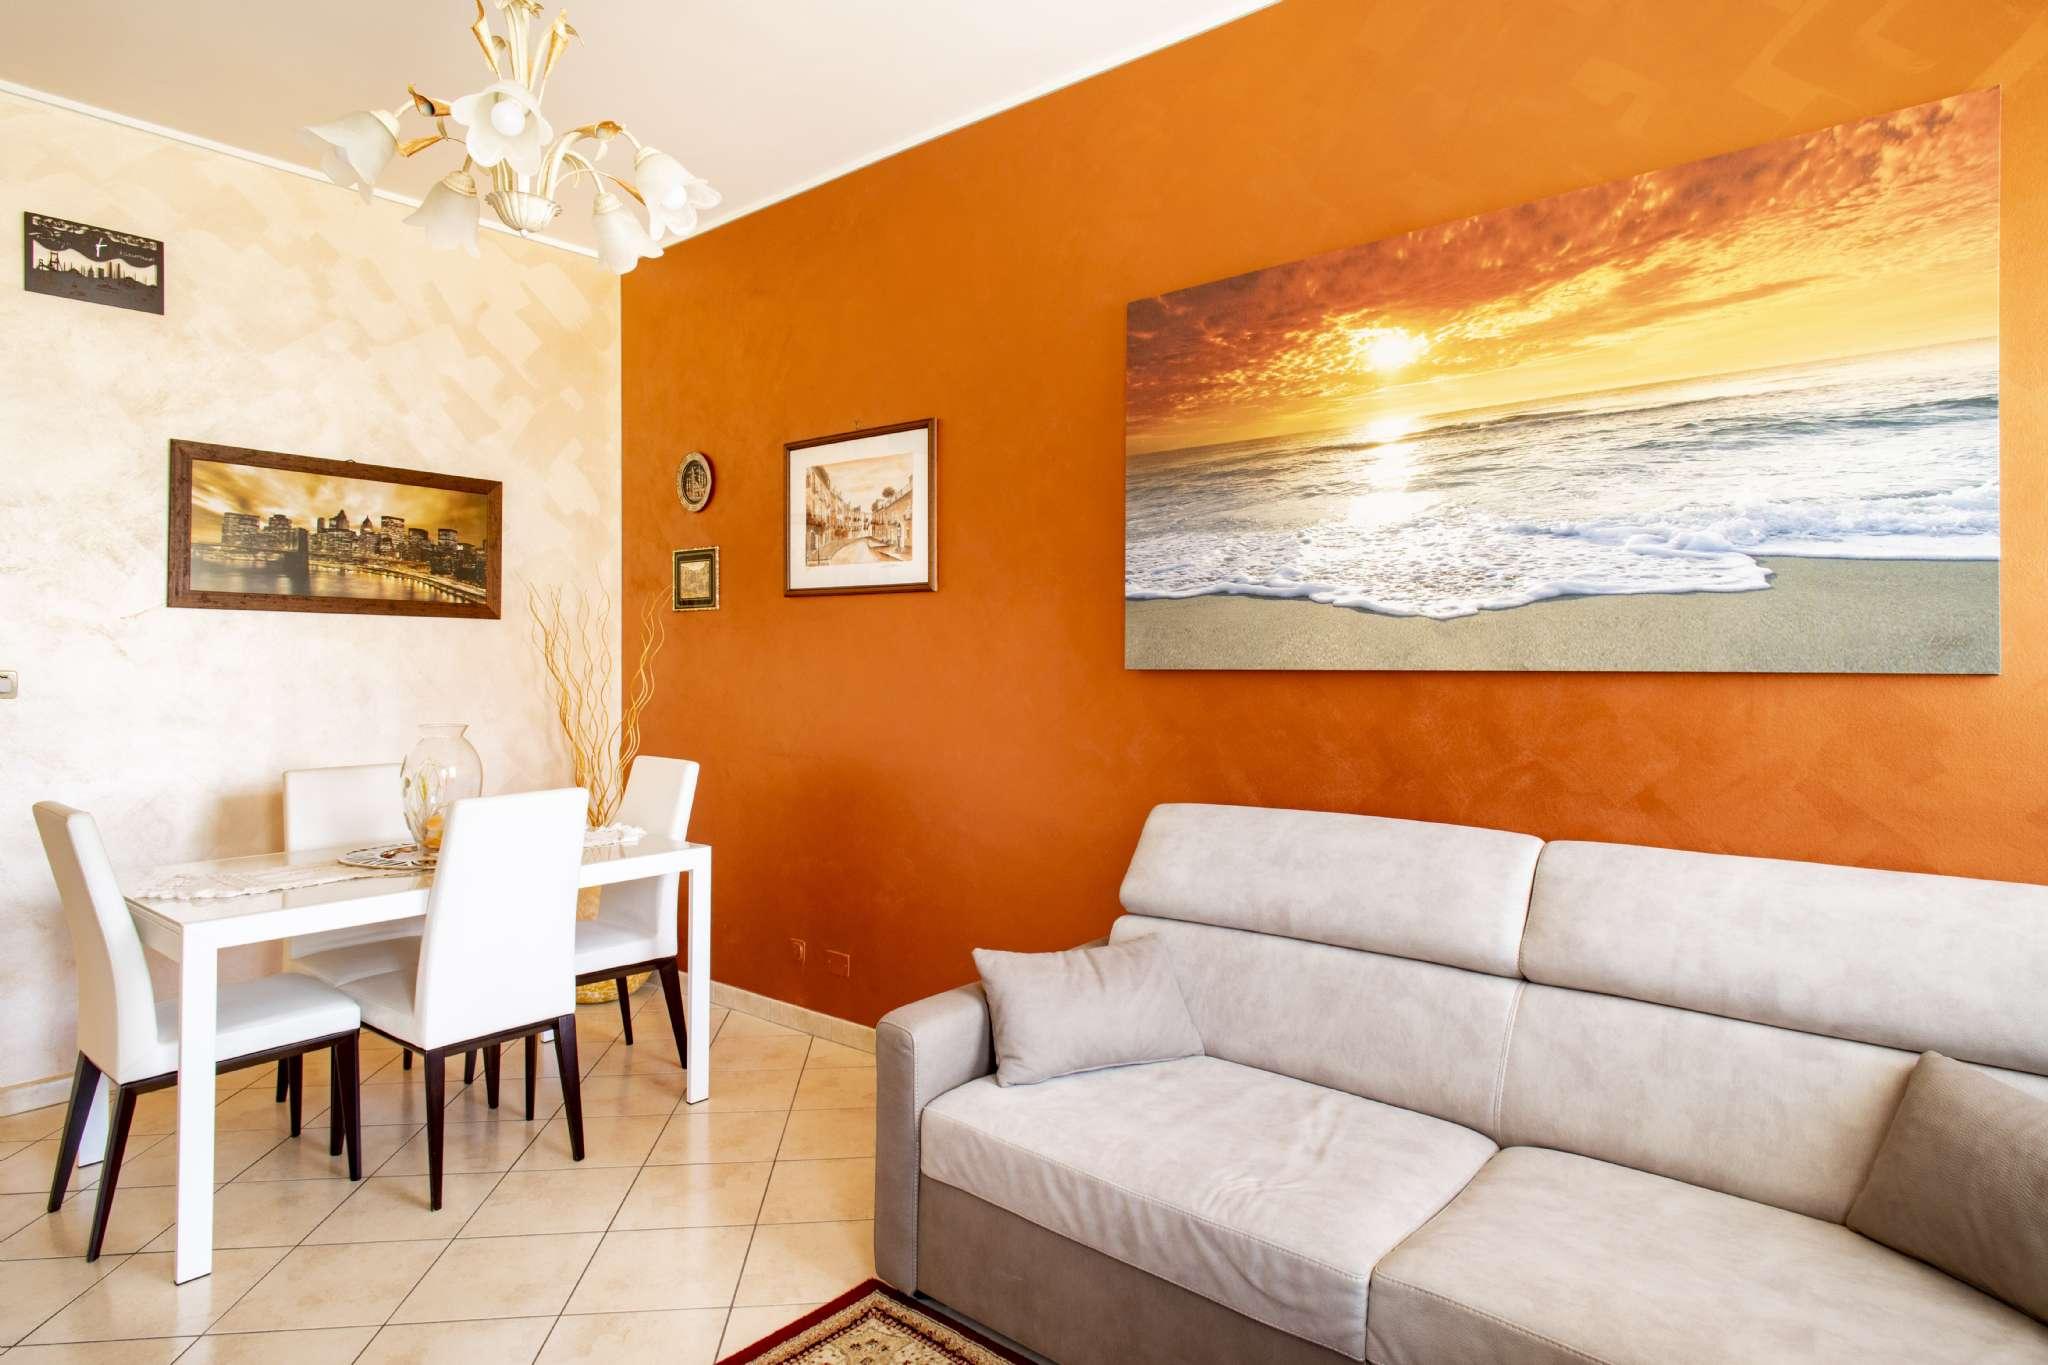 Appartamento in vendita a Cuneo, 3 locali, prezzo € 129.000 | CambioCasa.it